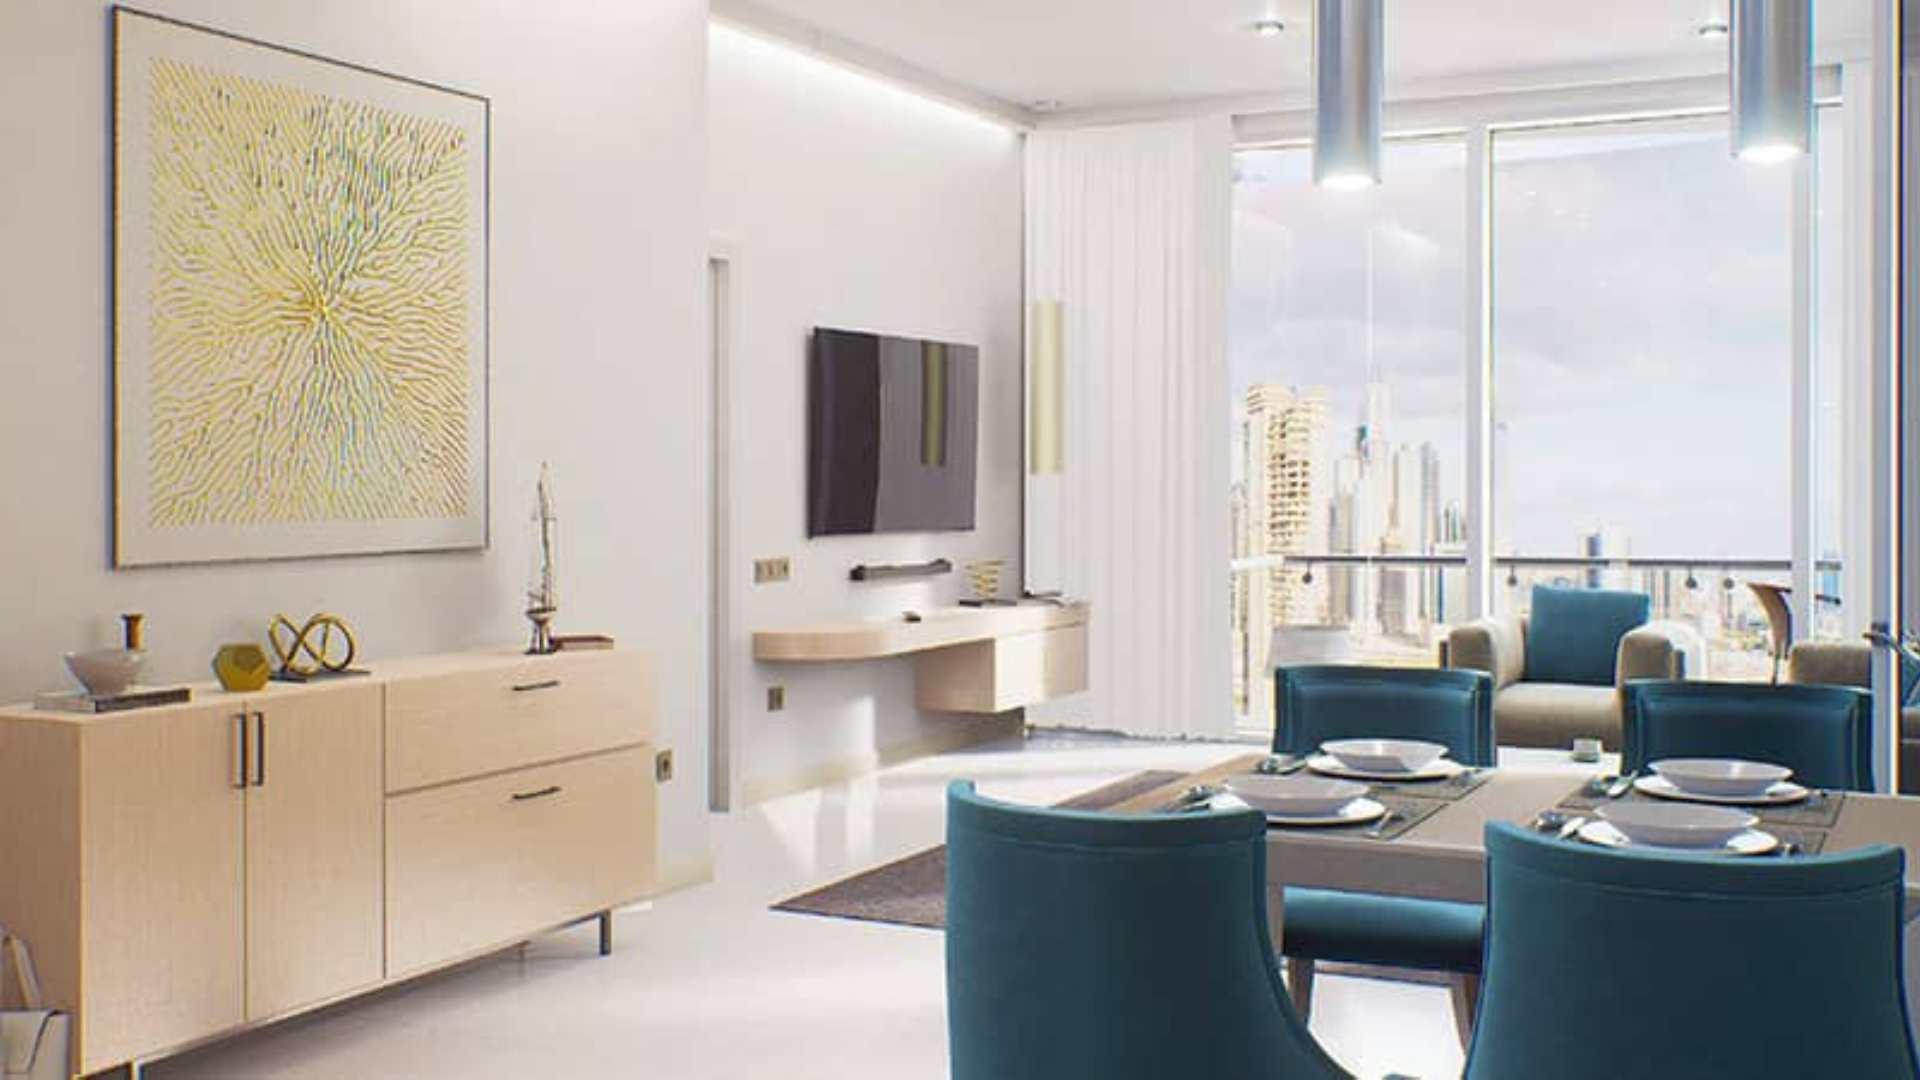 Apartamento en venta en Dubai, EAU, 3 dormitorios, 141 m2, № 24229 – foto 1